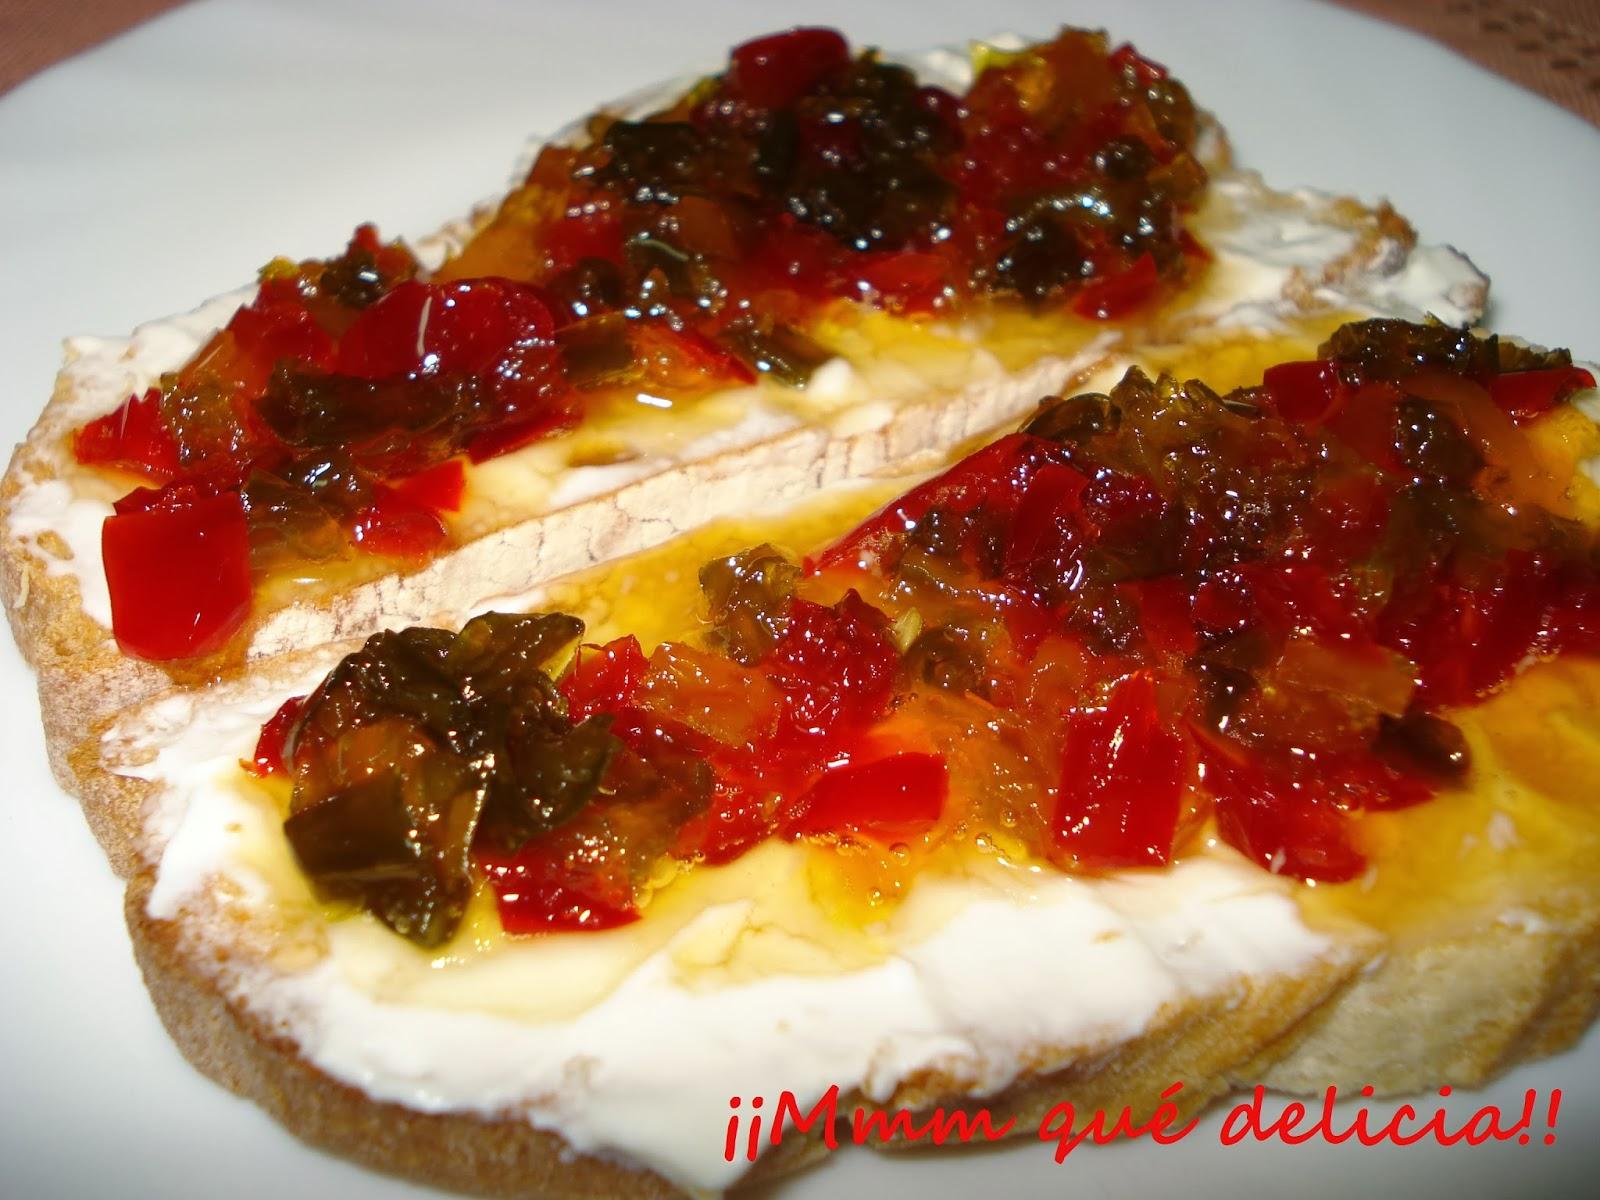 Mmm qu delicia pimientos caramelizados de tres colores - Como hacer mermelada de pimientos ...